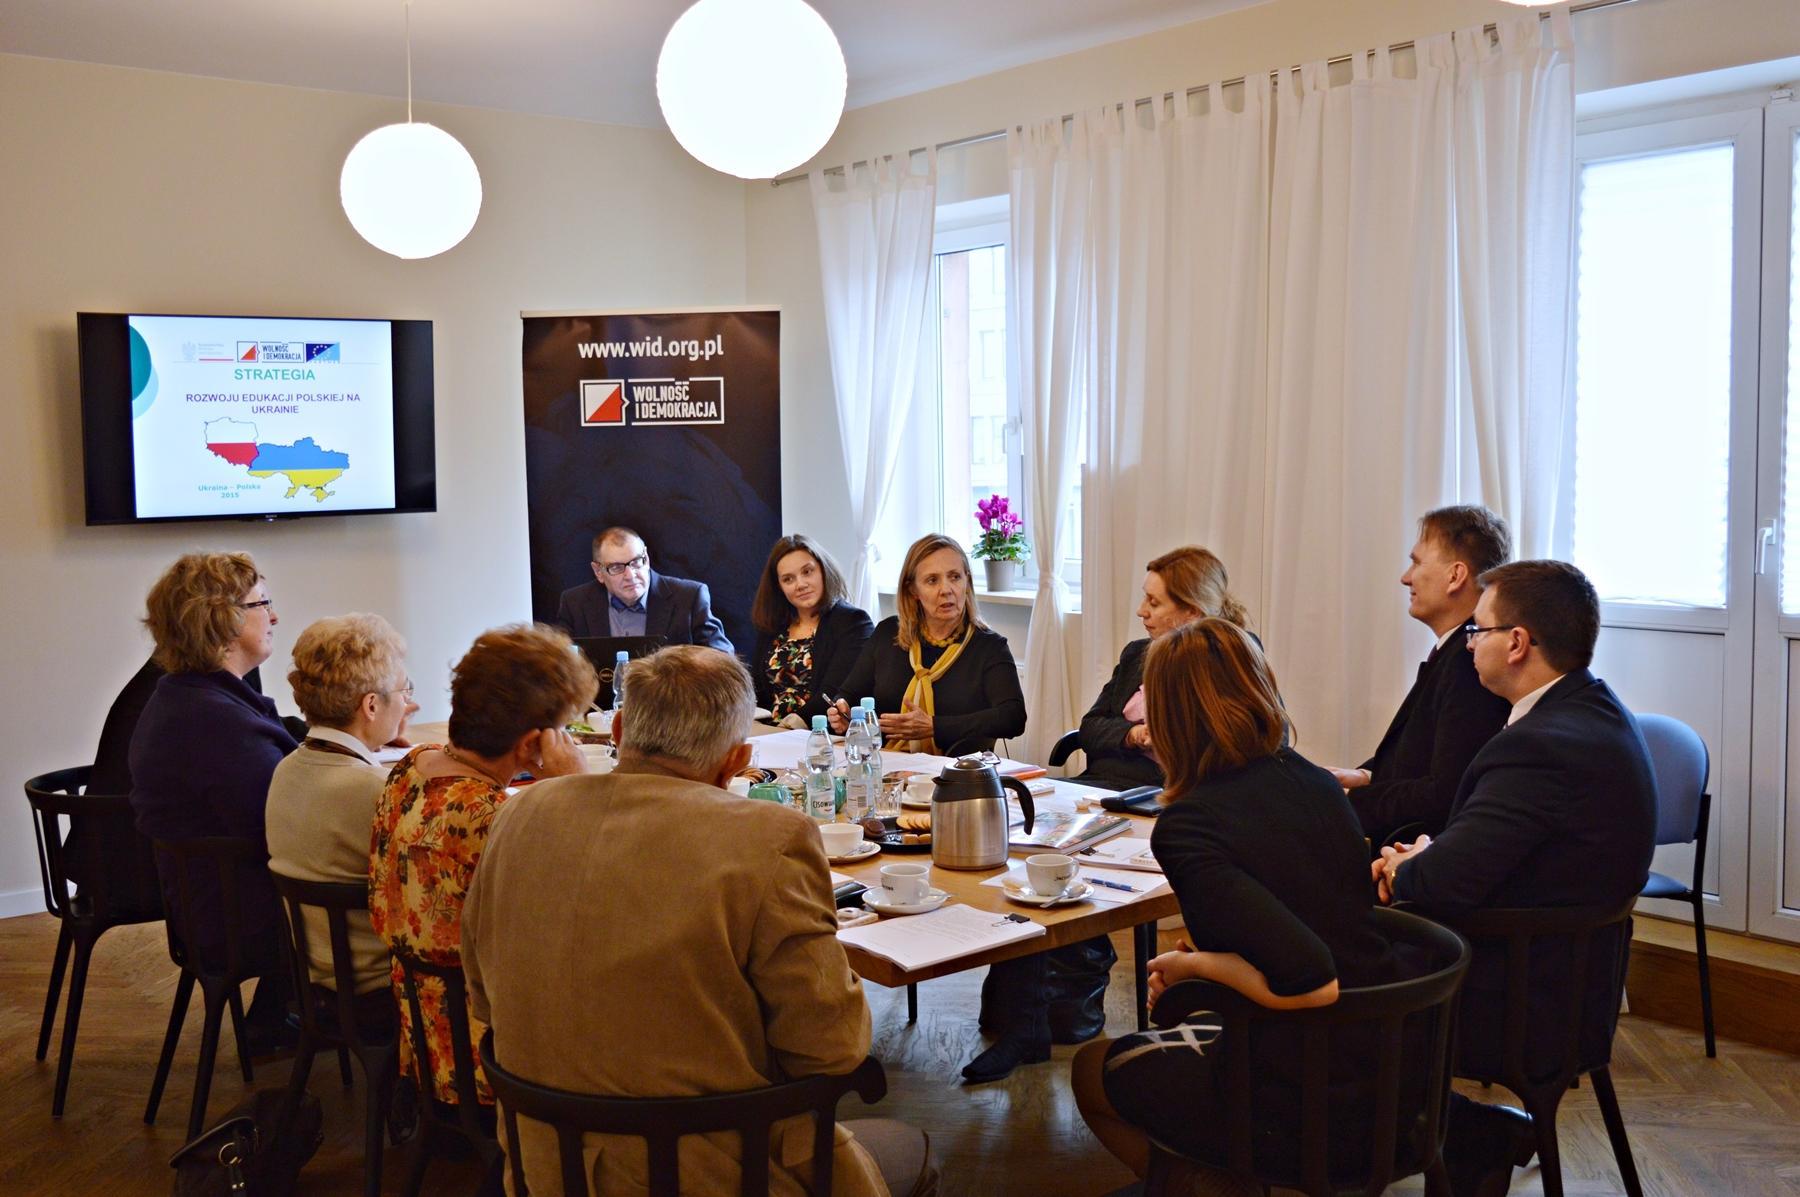 Jaka będzie strategia rozwoju polskiej edukacji na Ukrainie?